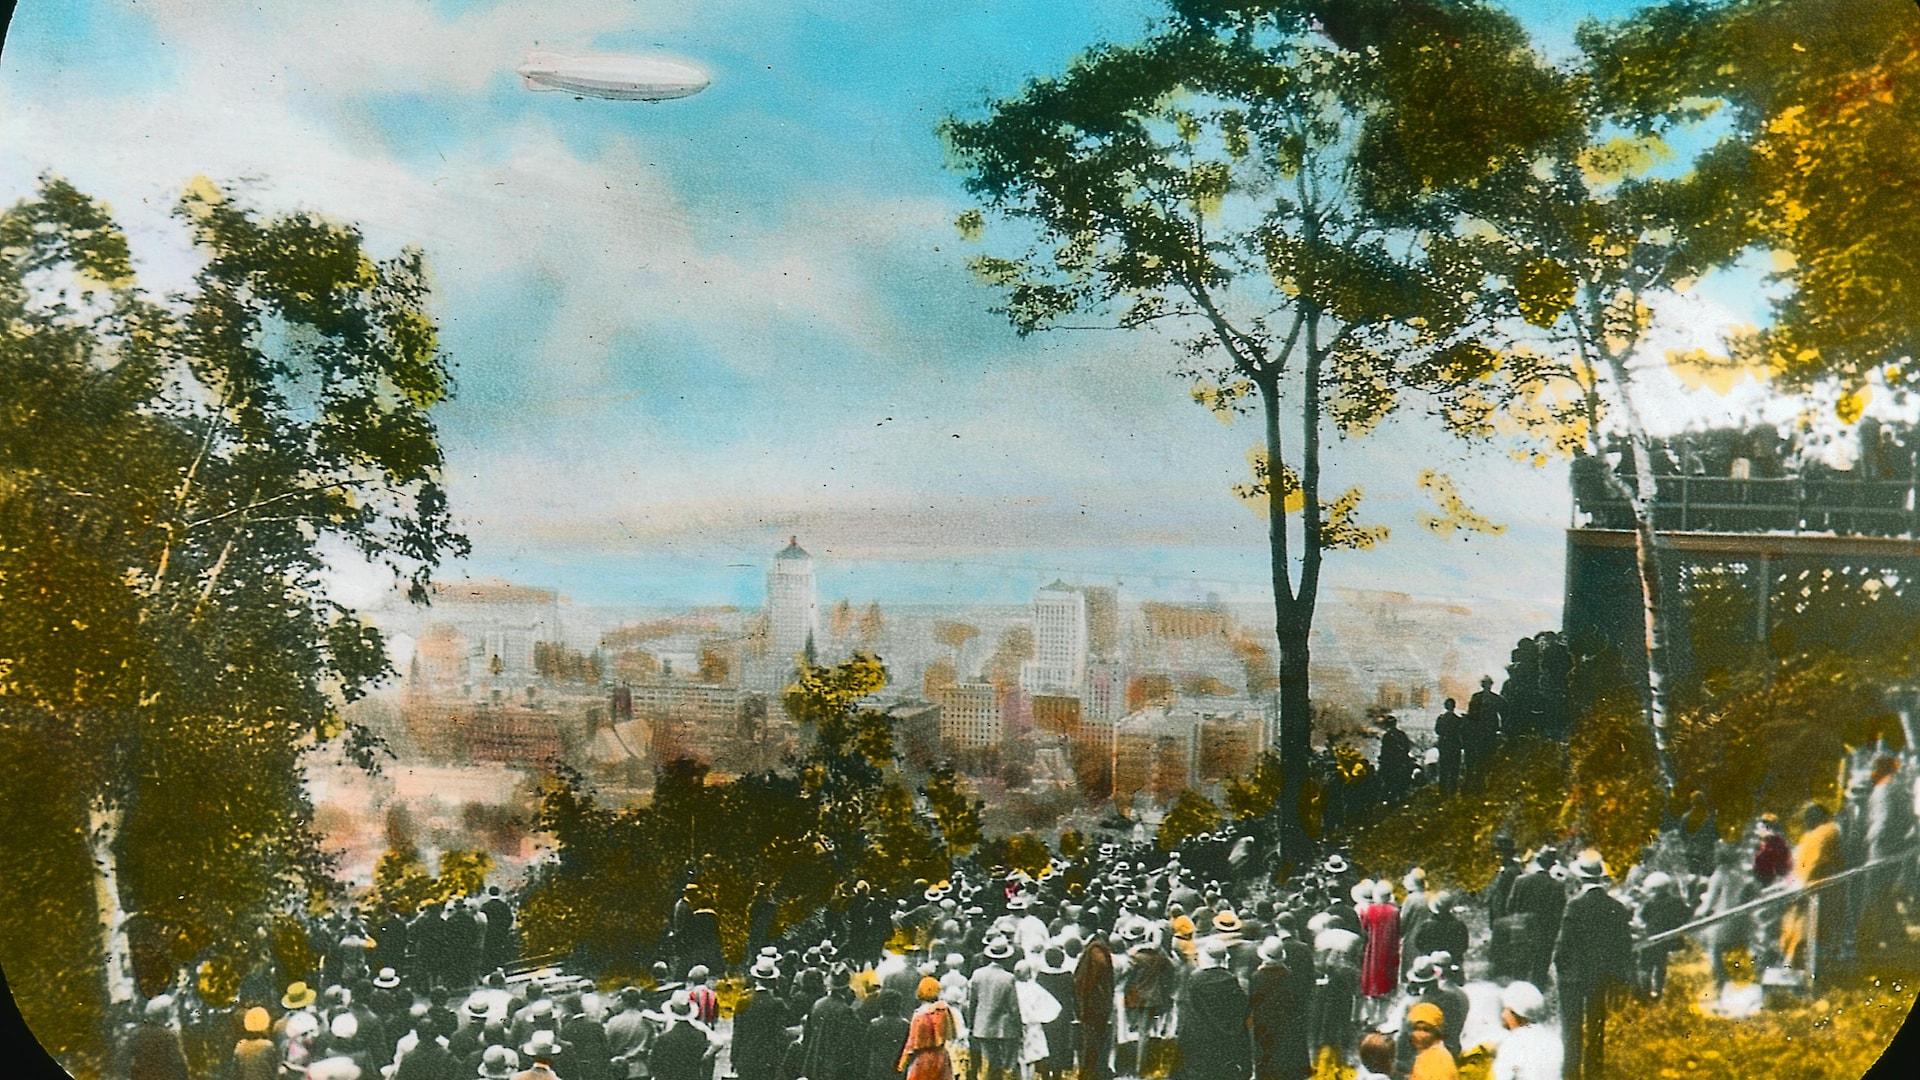 Le R-100 survole Montréal sous les yeux d'une foule massée sur les hauteurs du mont Royal, dans un ciel d'un bleu idéal. Des couleurs vives ont été ajoutées pour colorer la photo originale en noir et blanc.